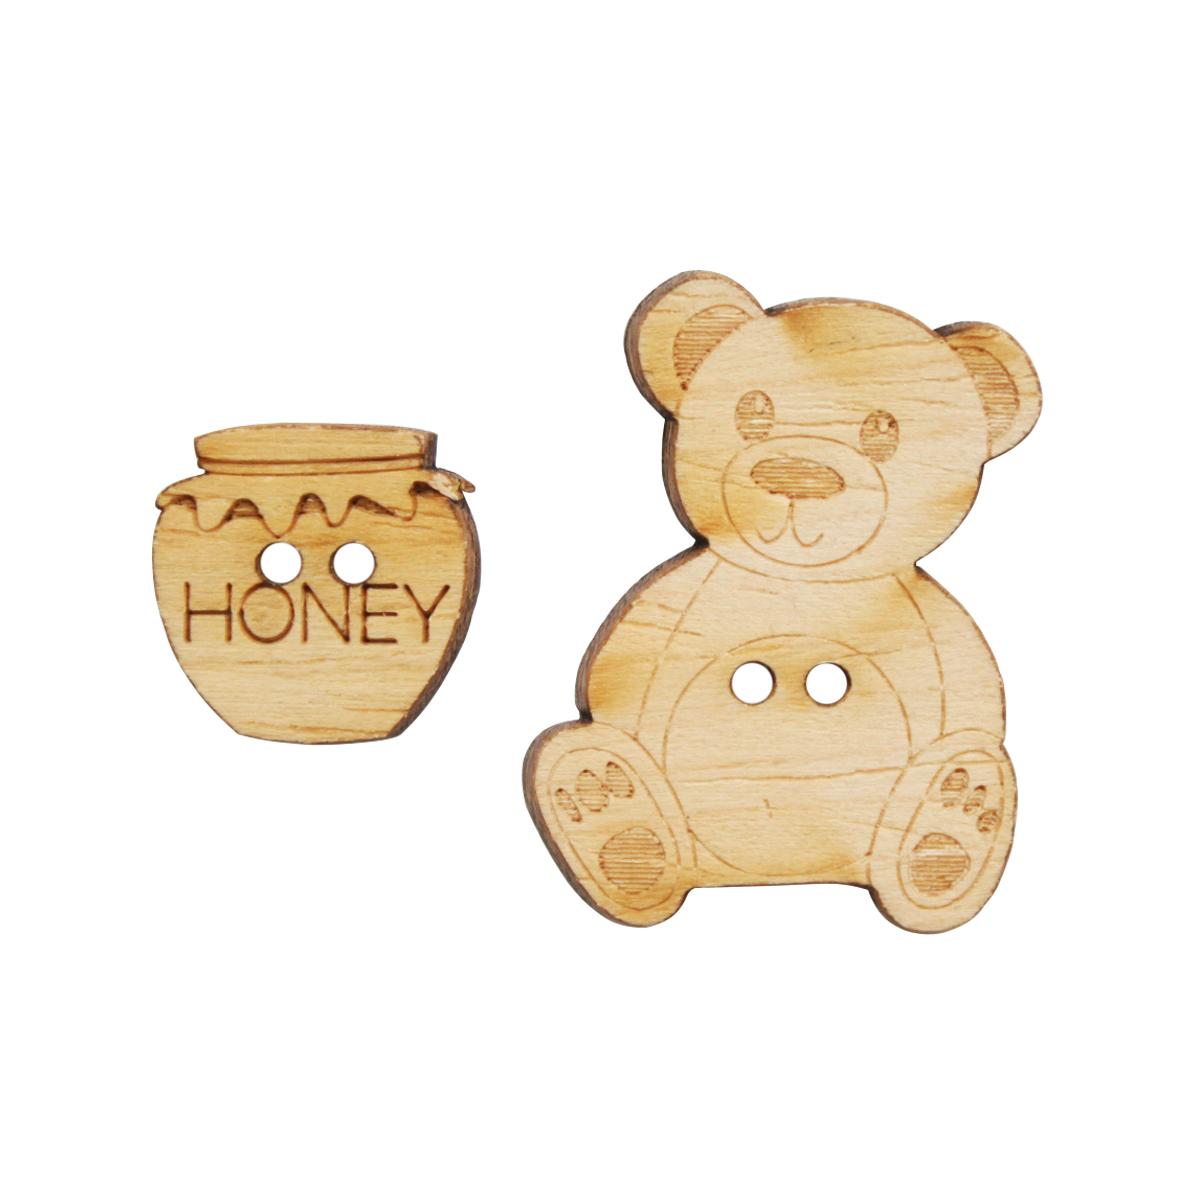 Пуговицы декоративные Magic Buttons Мишки, 6 шт7711144Пуговицы бренда Magic Buttons восхищают разнообразием стилей. Они станут отличным дополнением в качестве завершающего штриха на одежде, кроме того их можно использовать в скрапбукинге, создавать с помощью них интересные открытки, подарочные конверты и многое, многое другое.